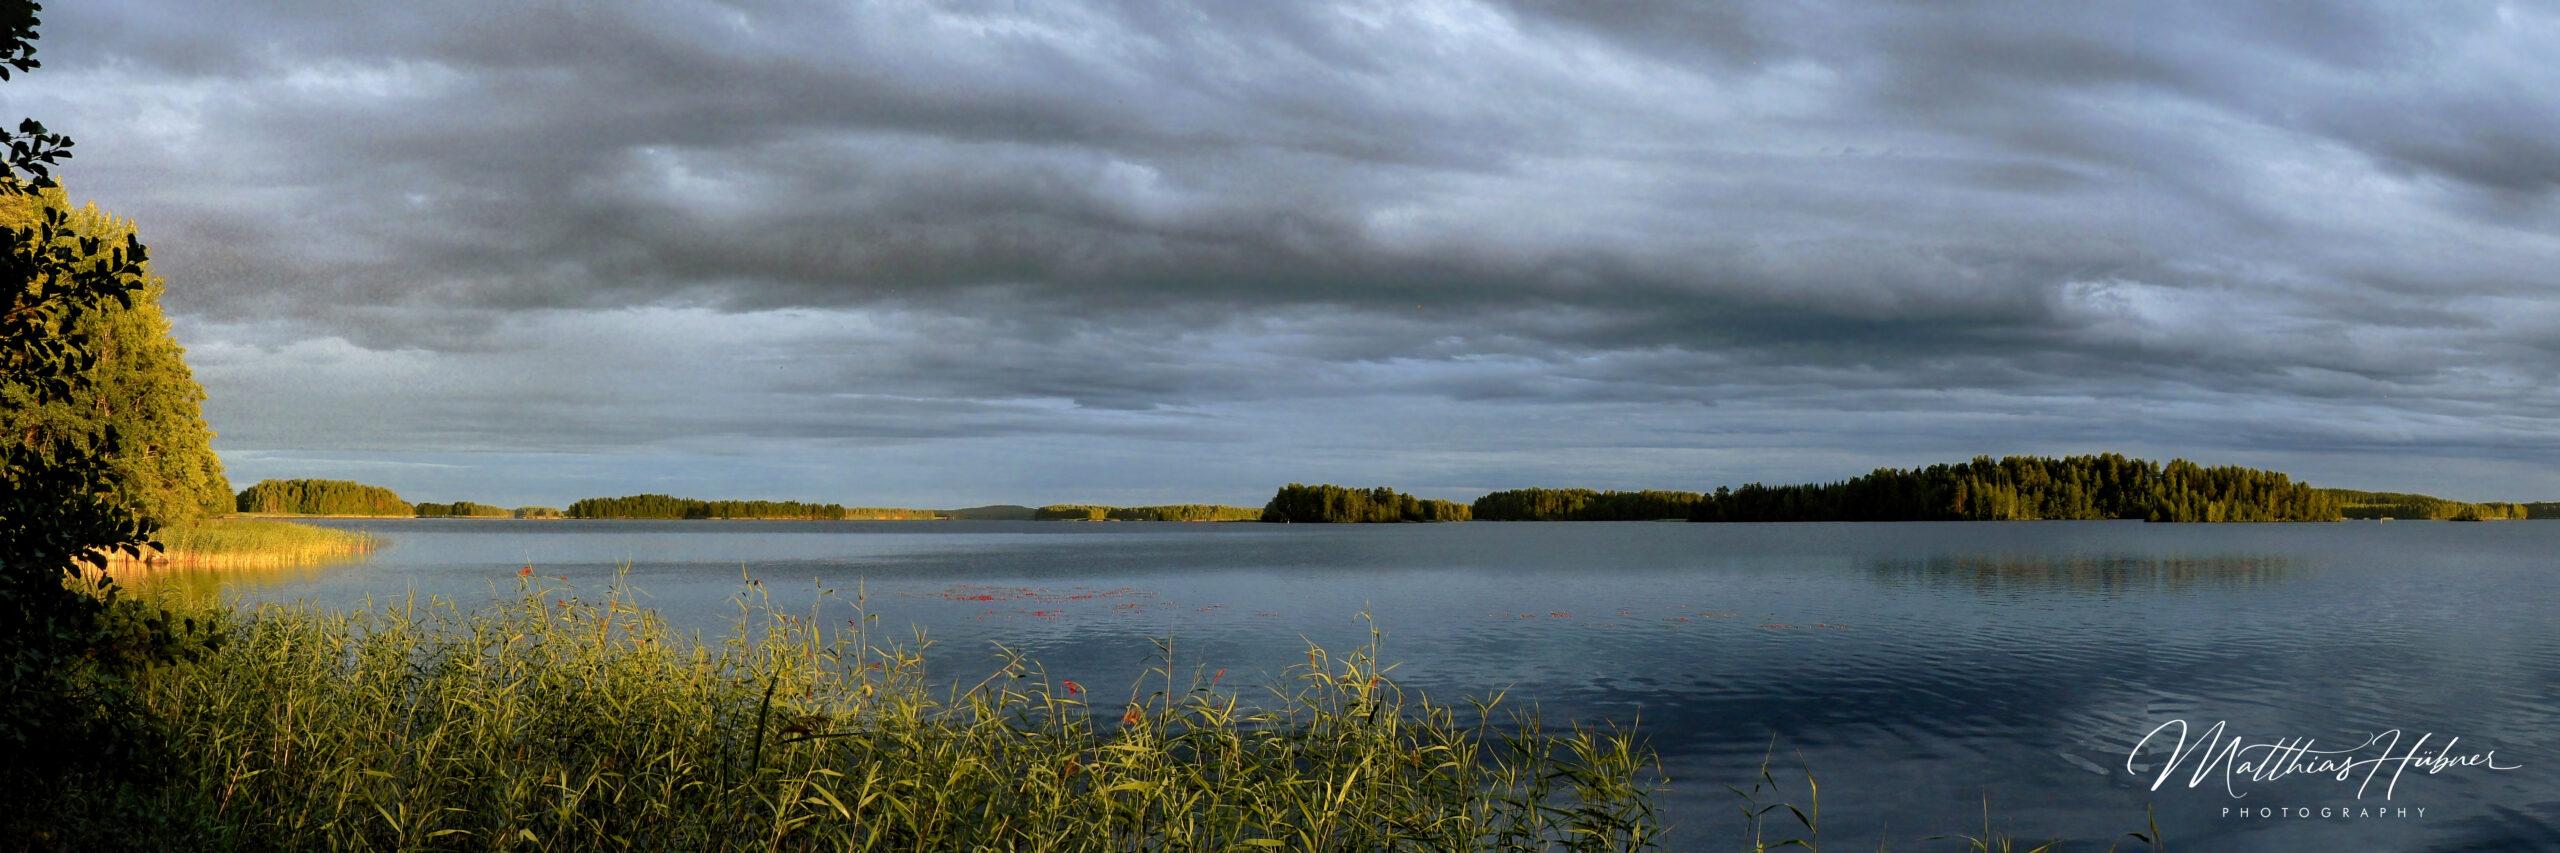 Vaihtosaari muuttosaaret finland huebner photography